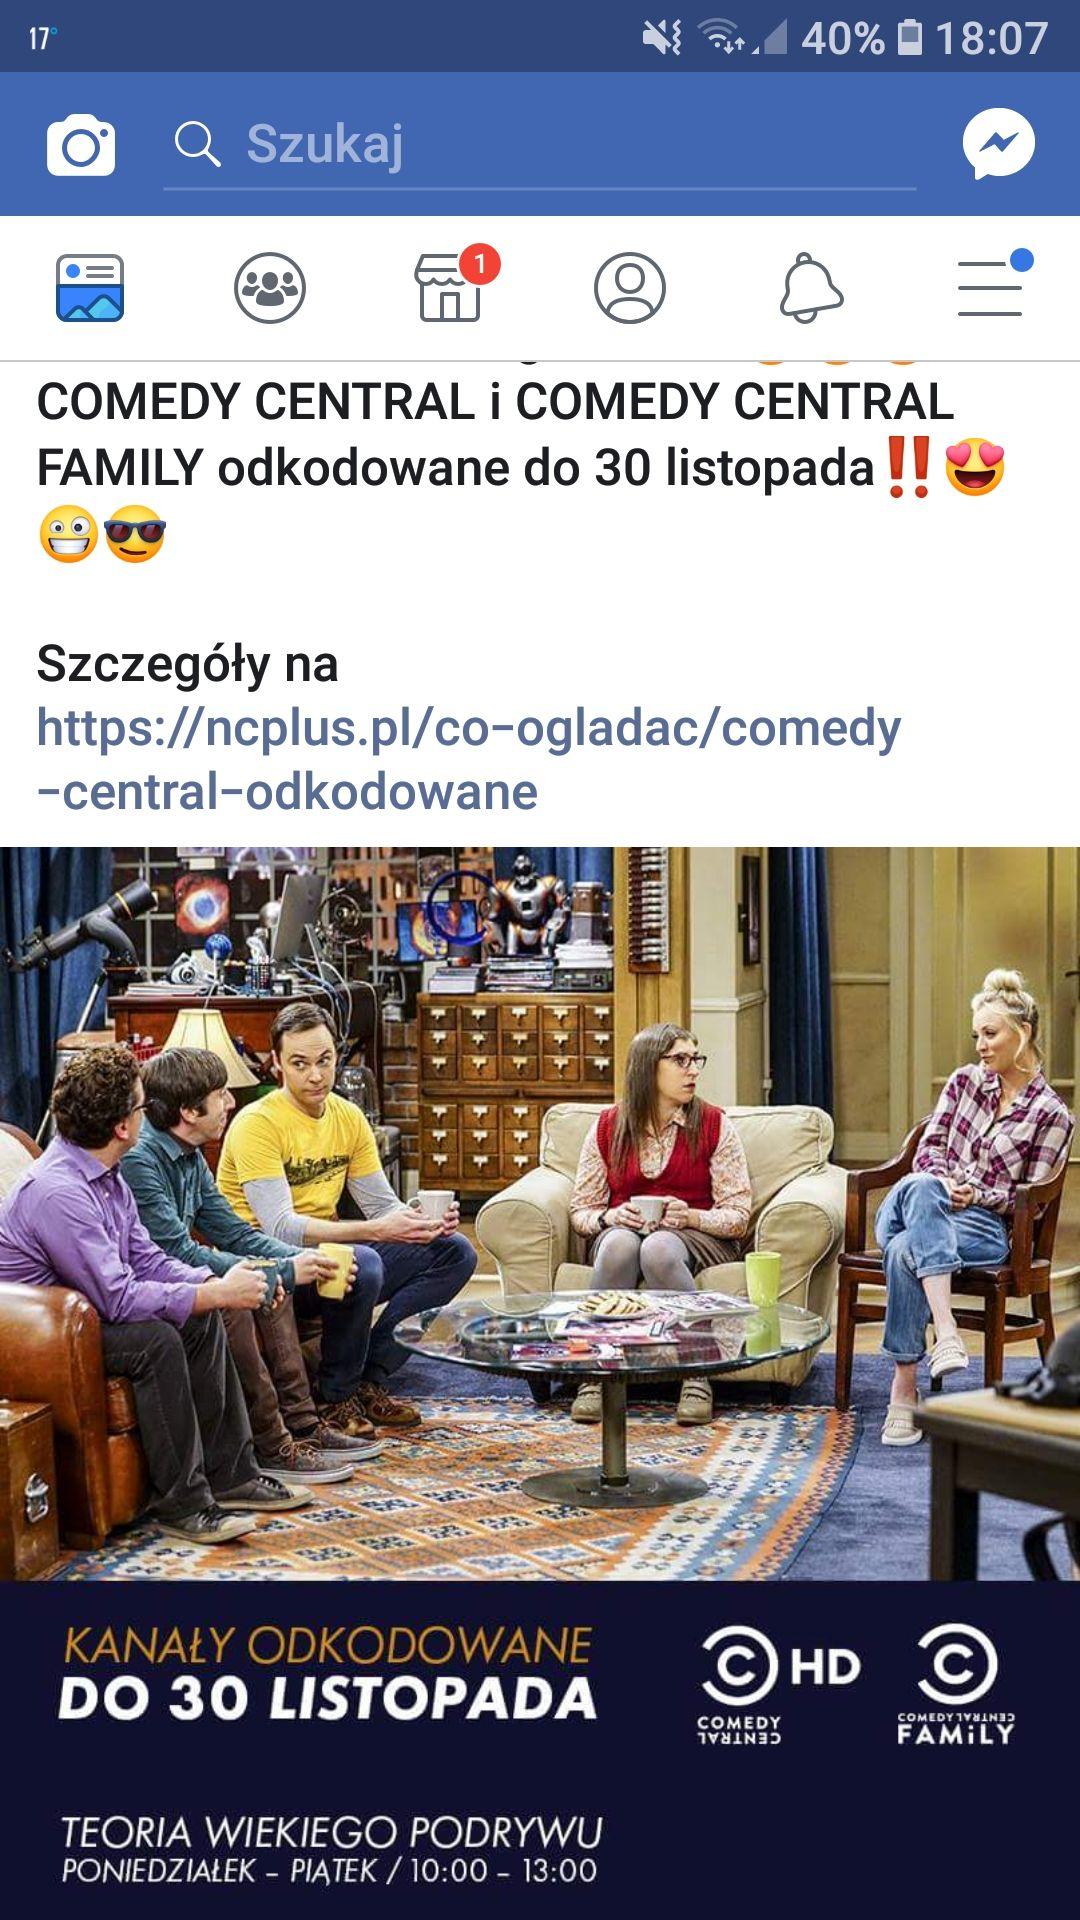 Comedy Central i Comedy Central Family odkodowane do 30 listopada dla abonentów @Ncplus